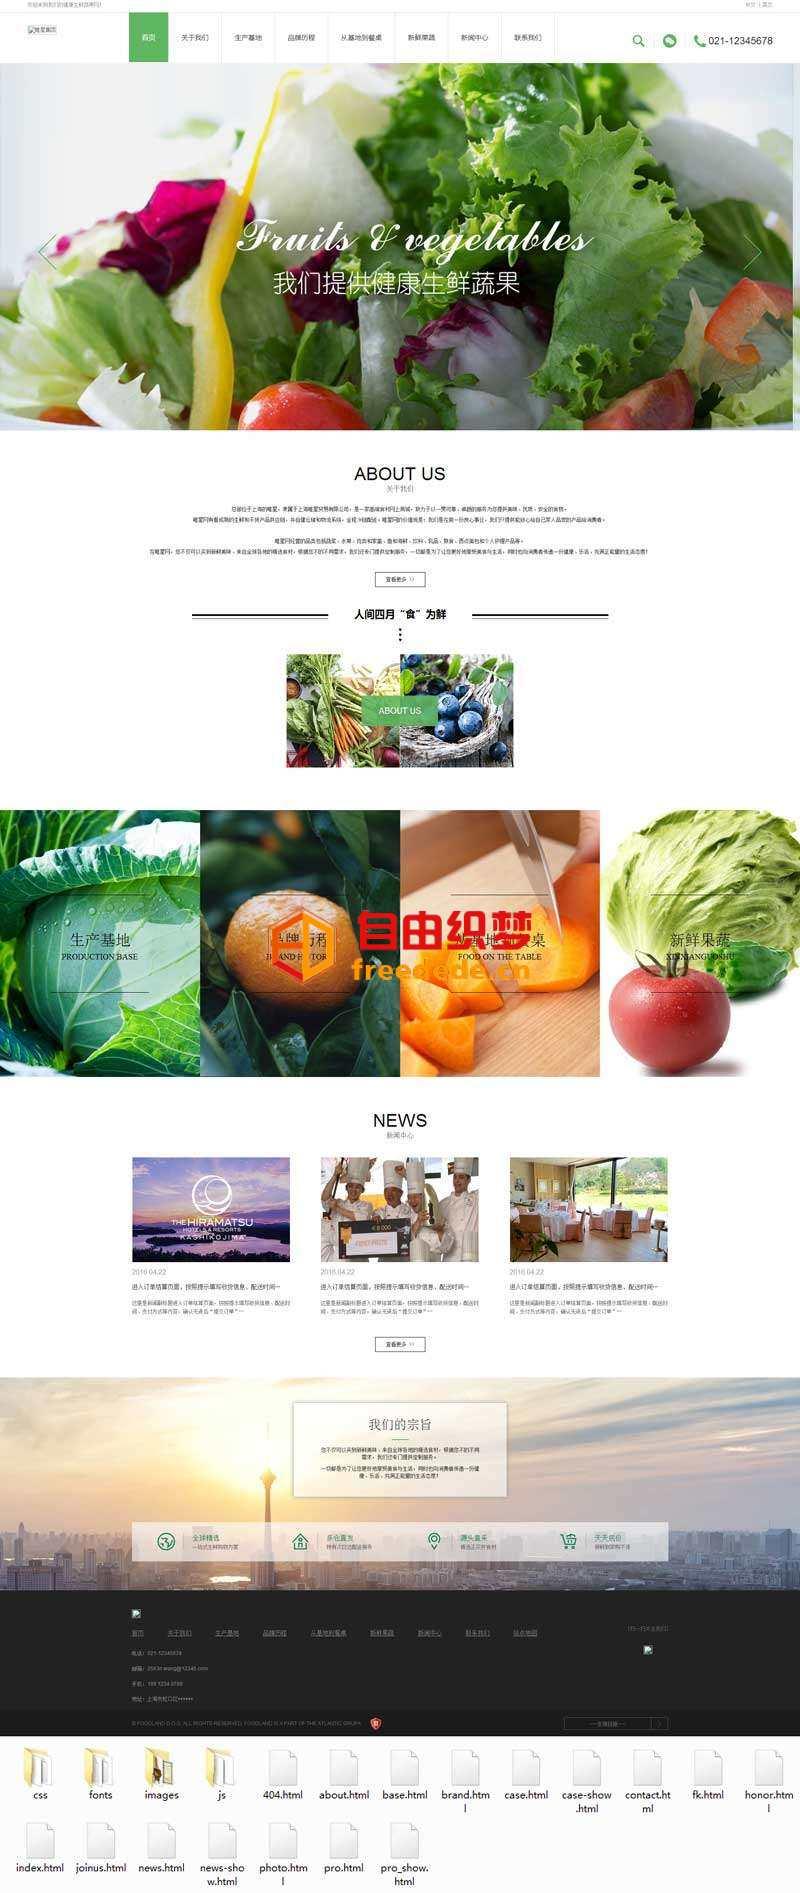 爱上源码网文章绿色清新的蔬菜水果生产类响应式网站模板的内容插图